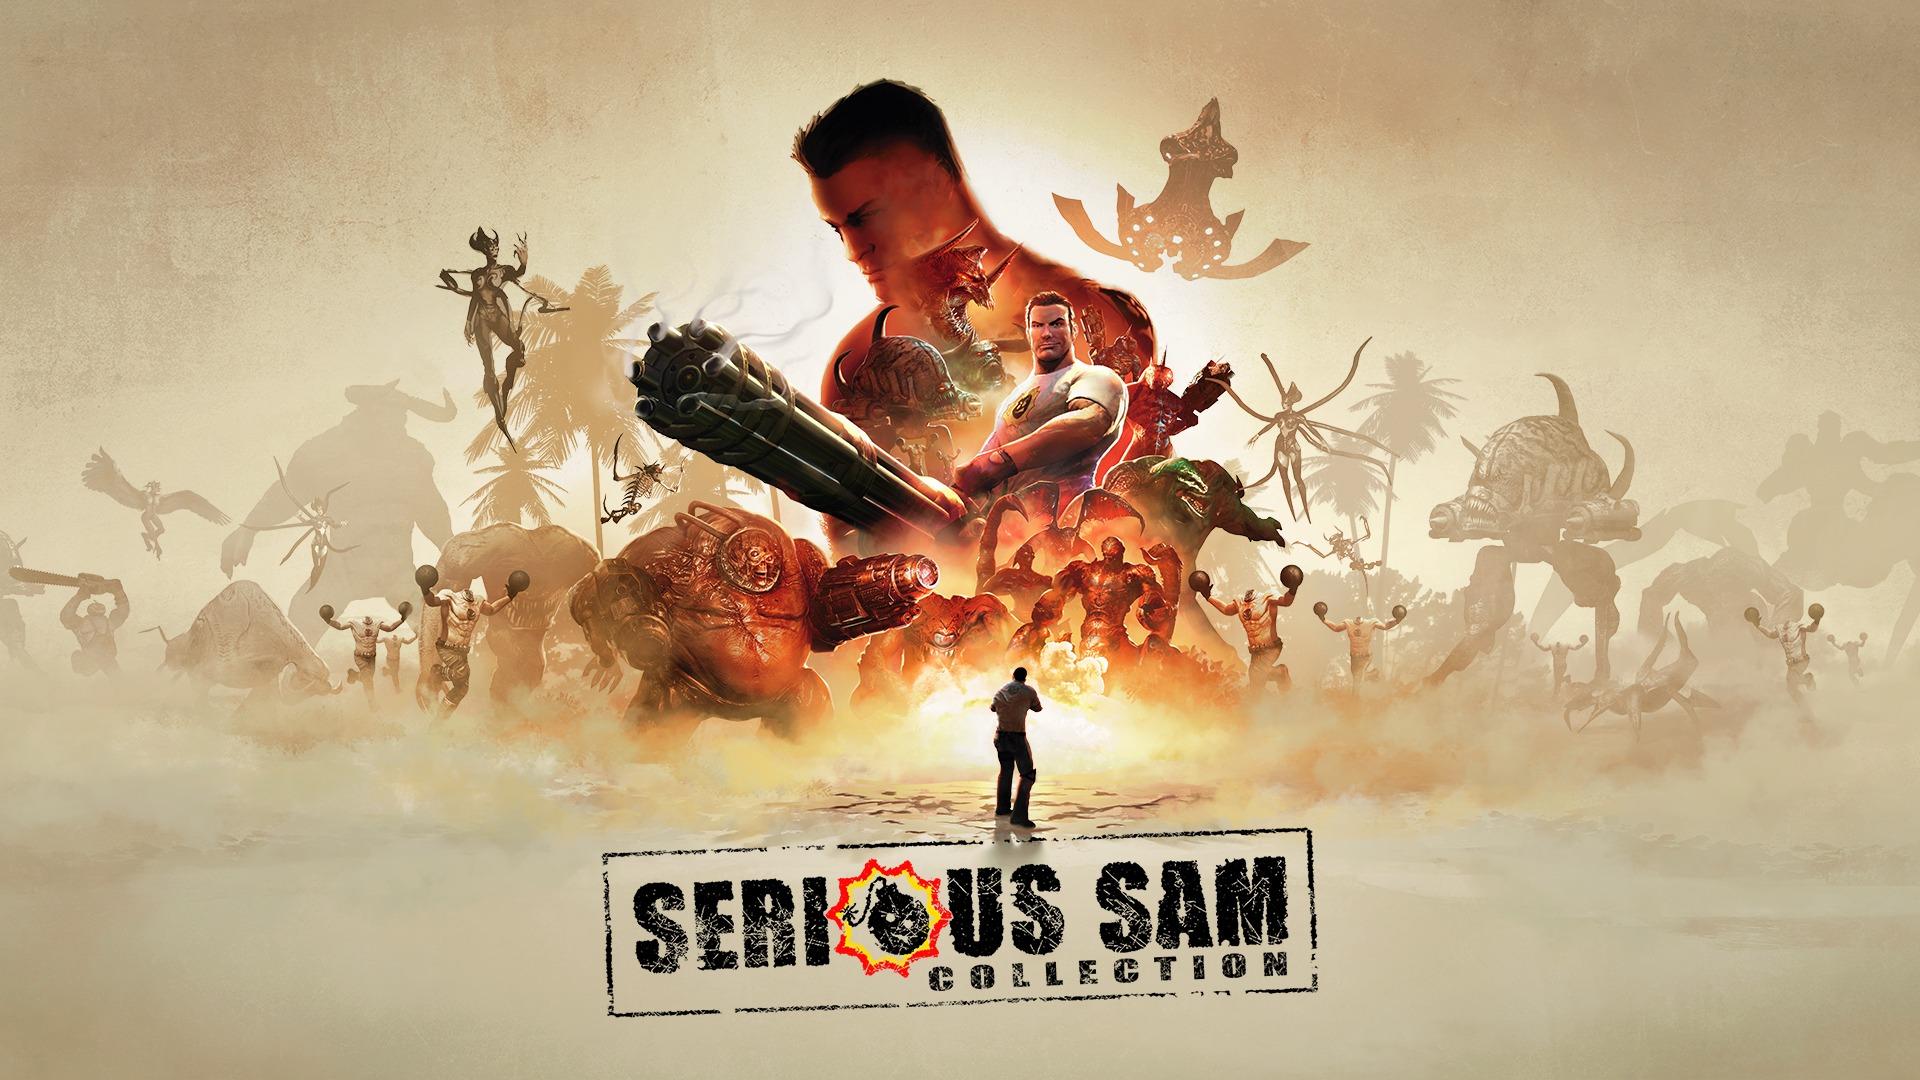 Serious Sam Collection выйдет на консолях 17 ноября